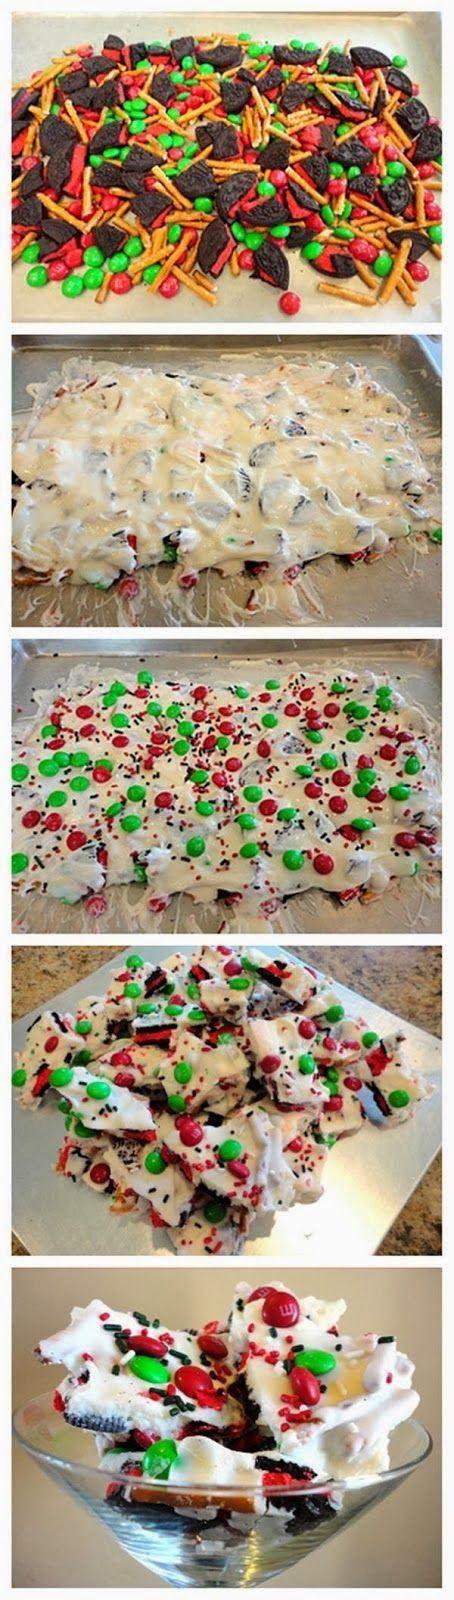 Last Minute Christmas Treats!